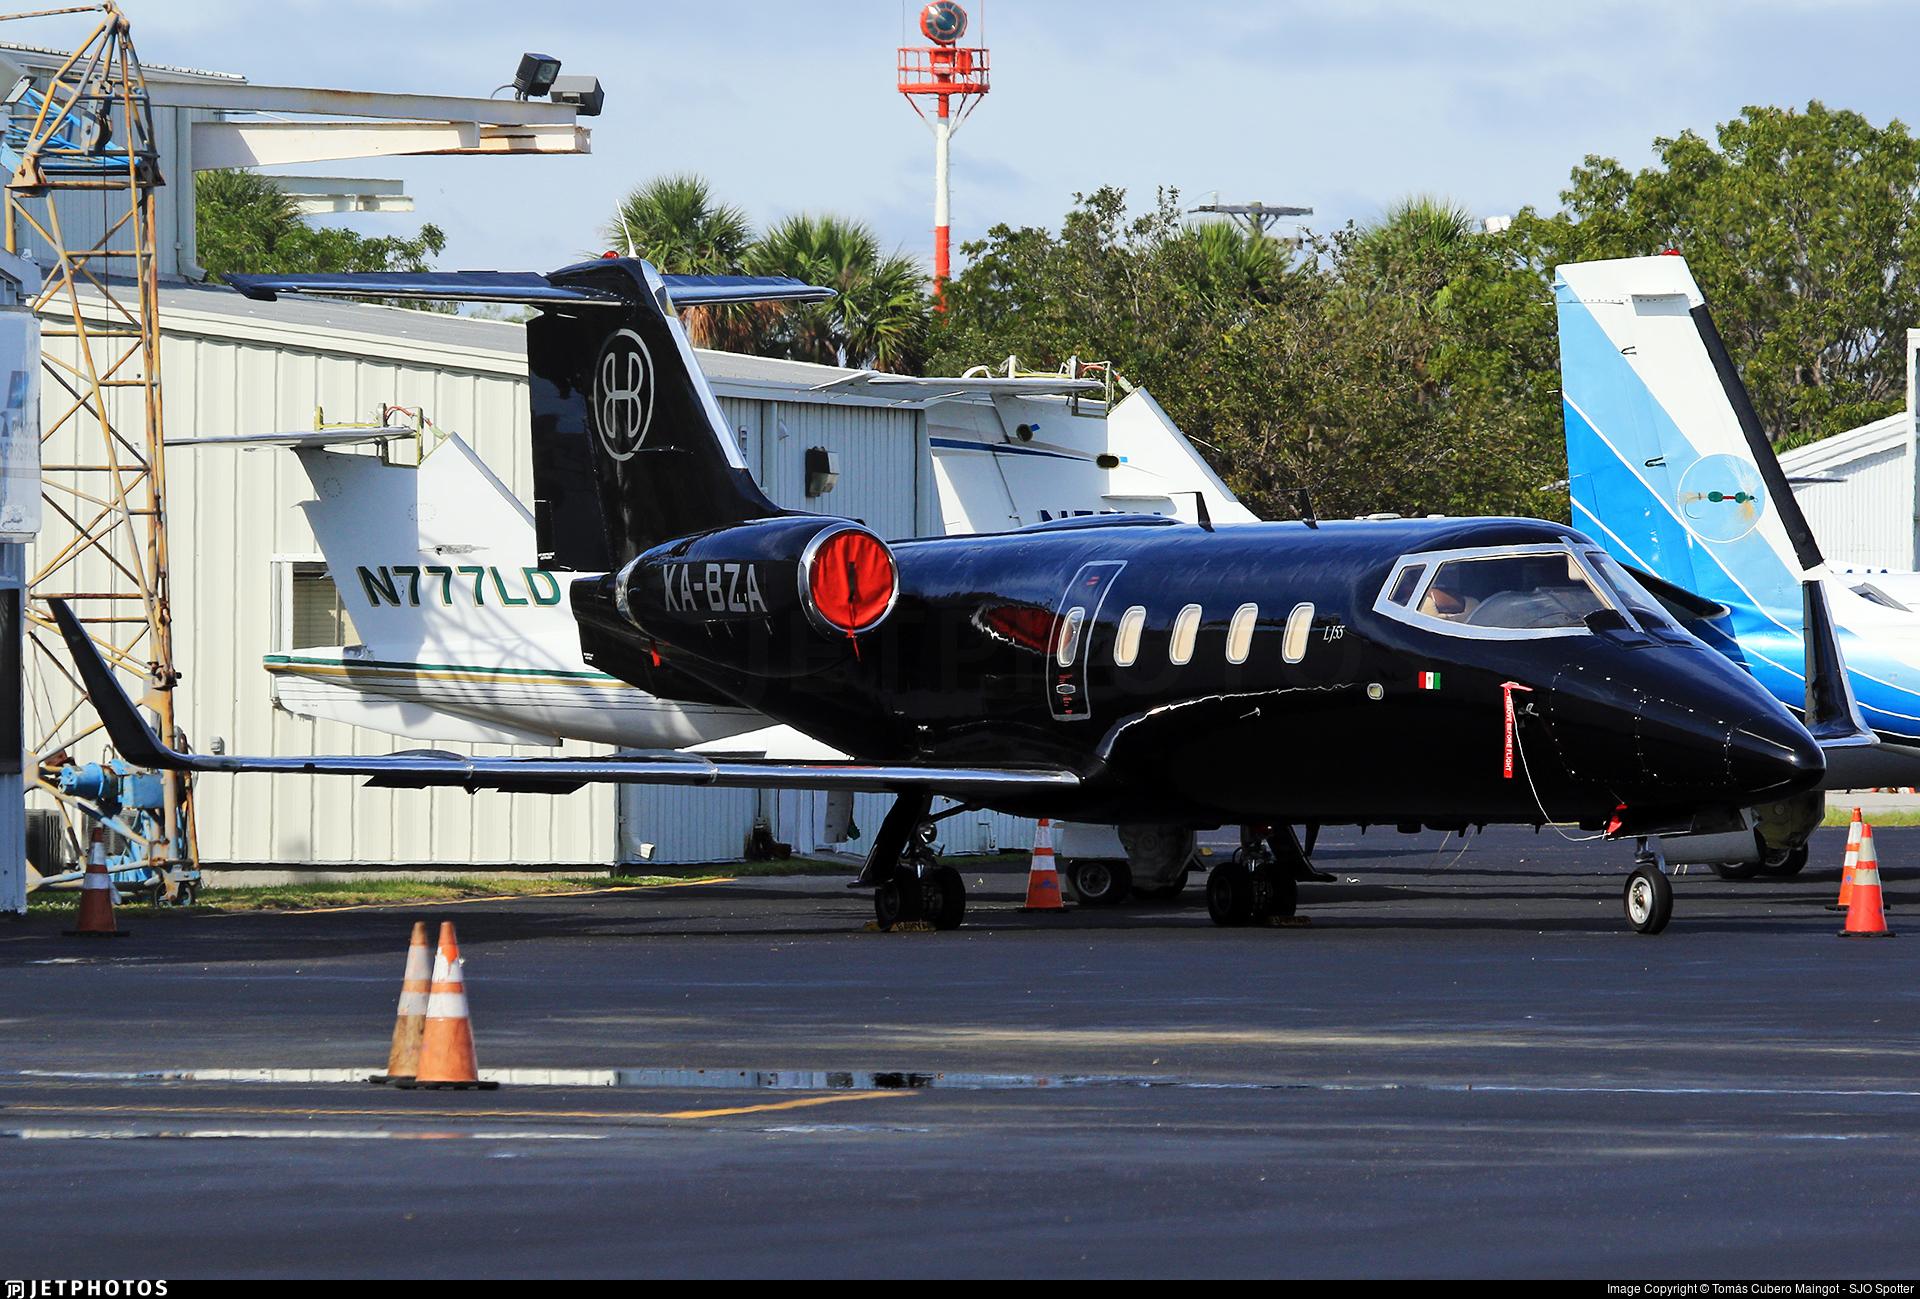 XA-BZA - Bombardier Learjet 55 - Private